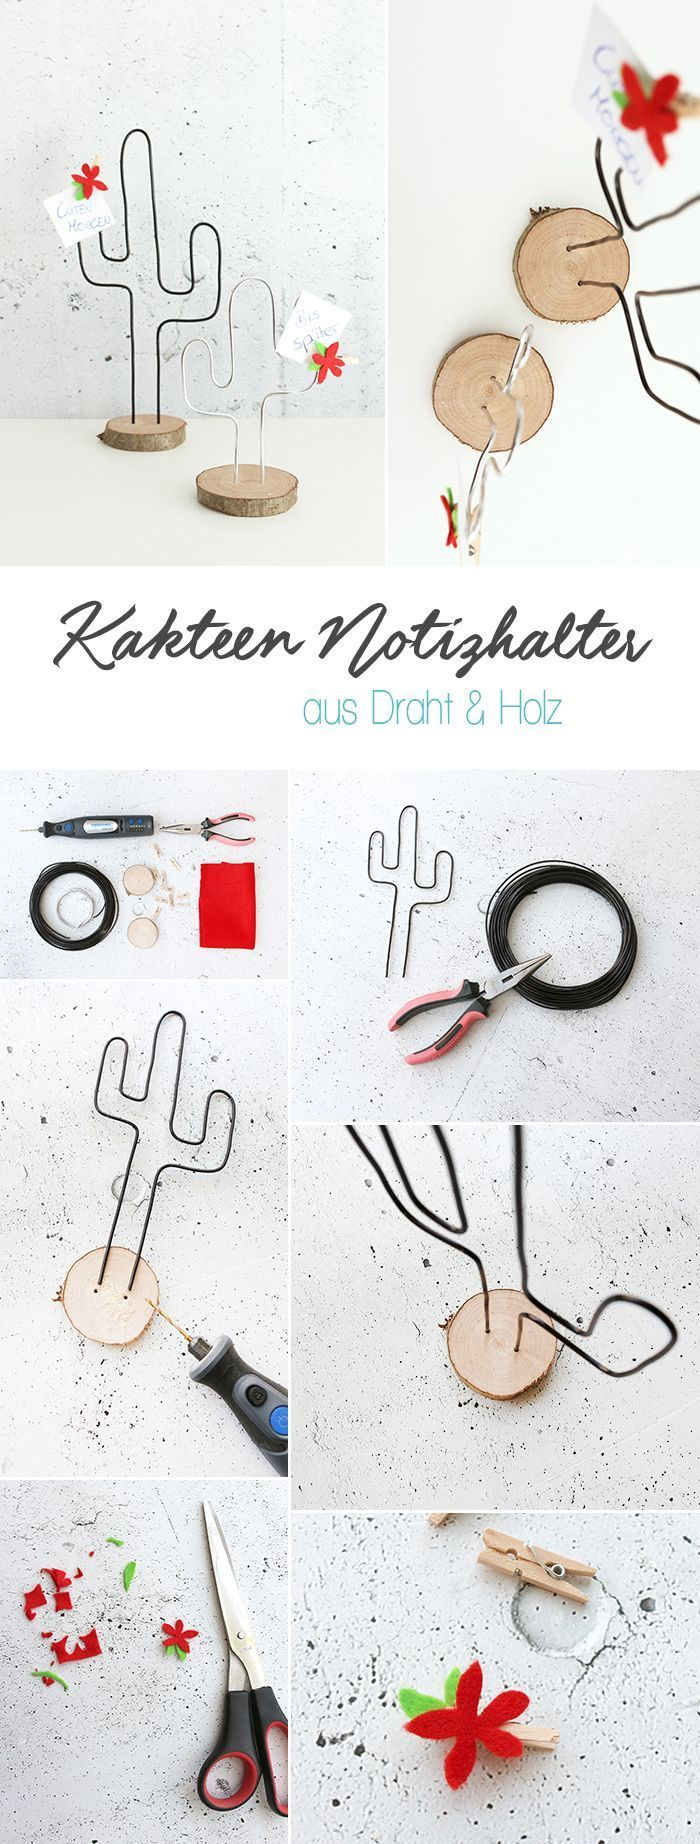 Do it yourself: Kaktus-Notizhalter aus Draht und Baumscheibe basteln - #aus #basteln #Baumscheibe #Draht #gothenburg #KaktusNotizhalter #und #selbstgemachtezimmerdeko